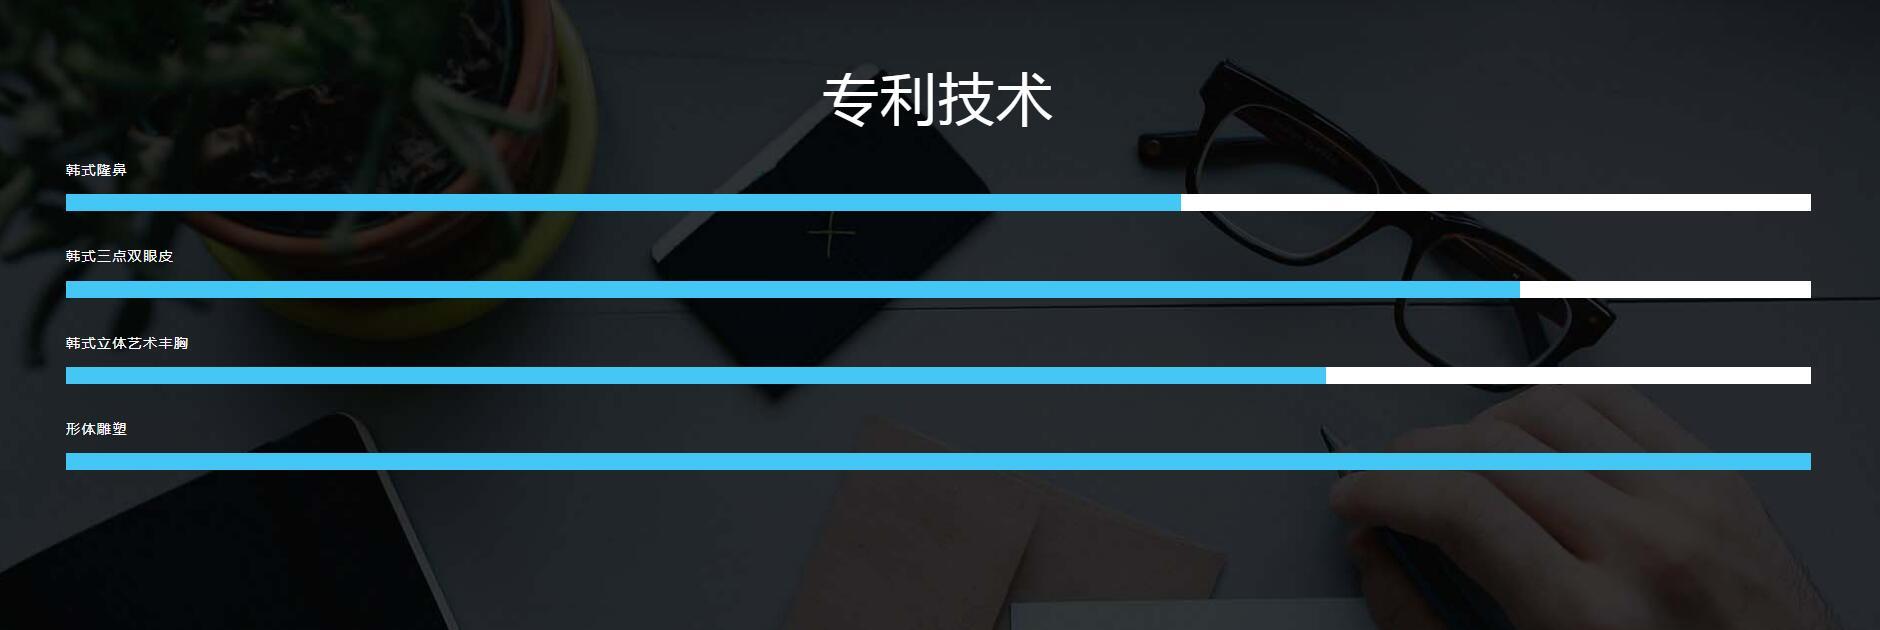 2020年深圳做隆鼻较好的整形医院以及整形医生介绍